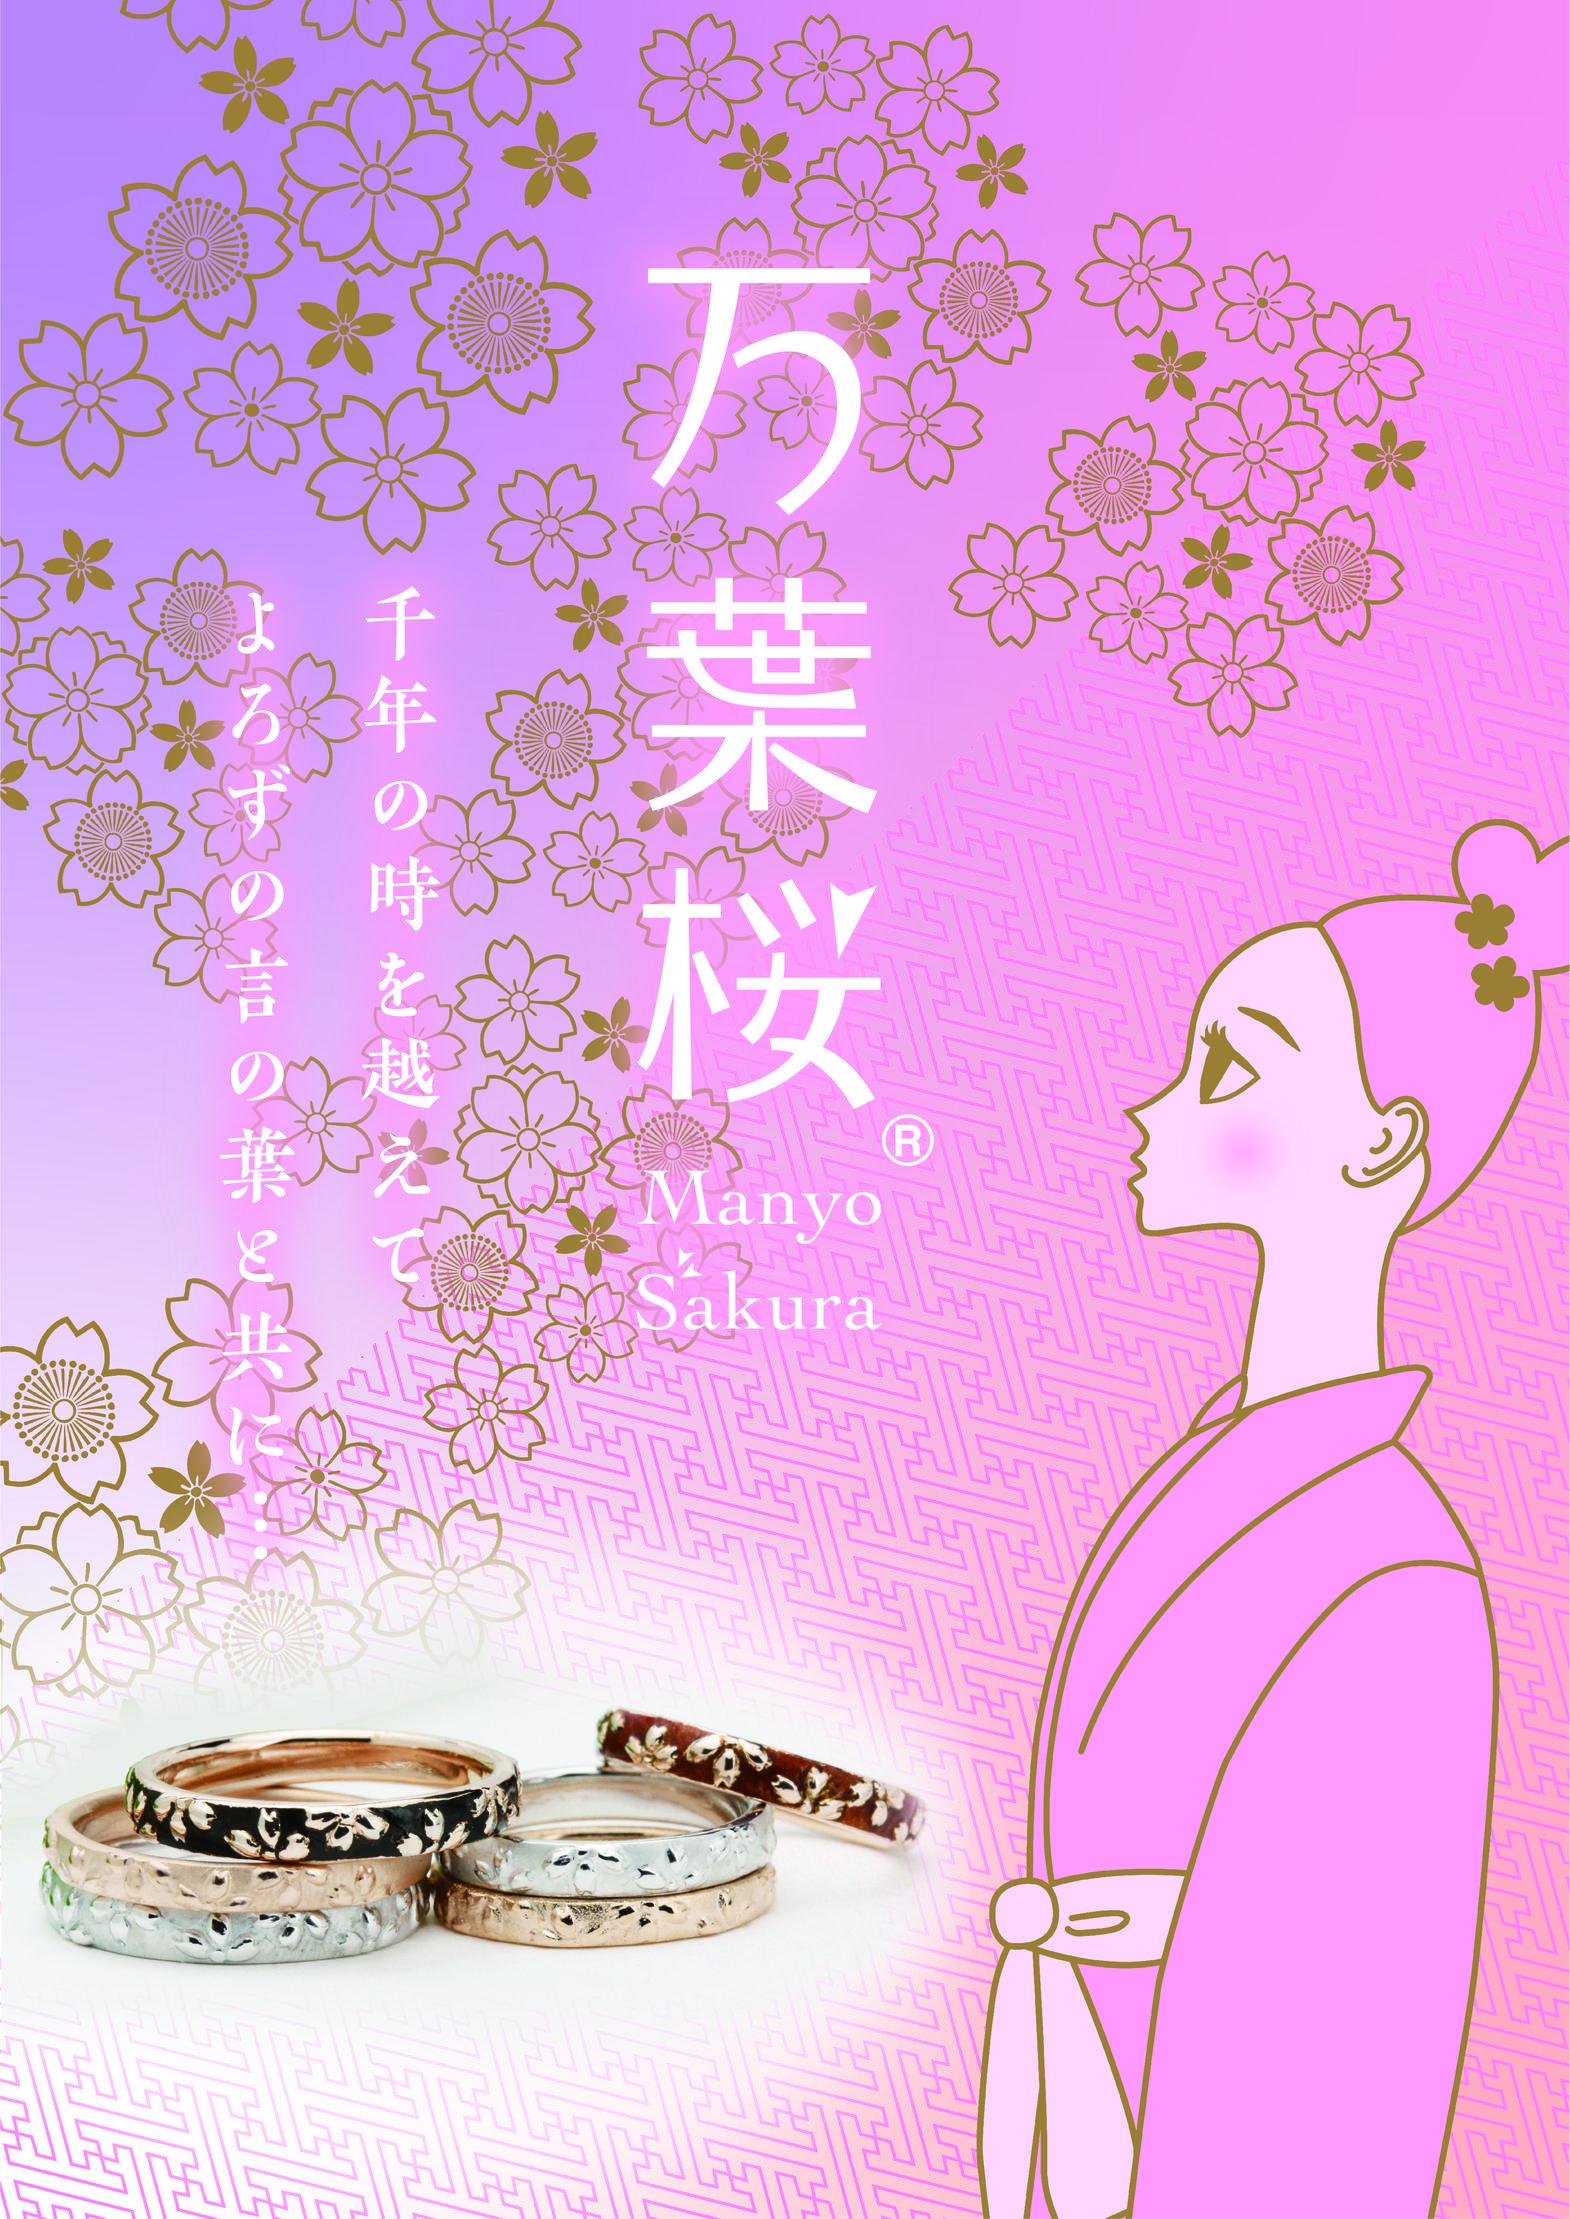 皆さんへのご挨拶 万葉桜の「AZU」です。